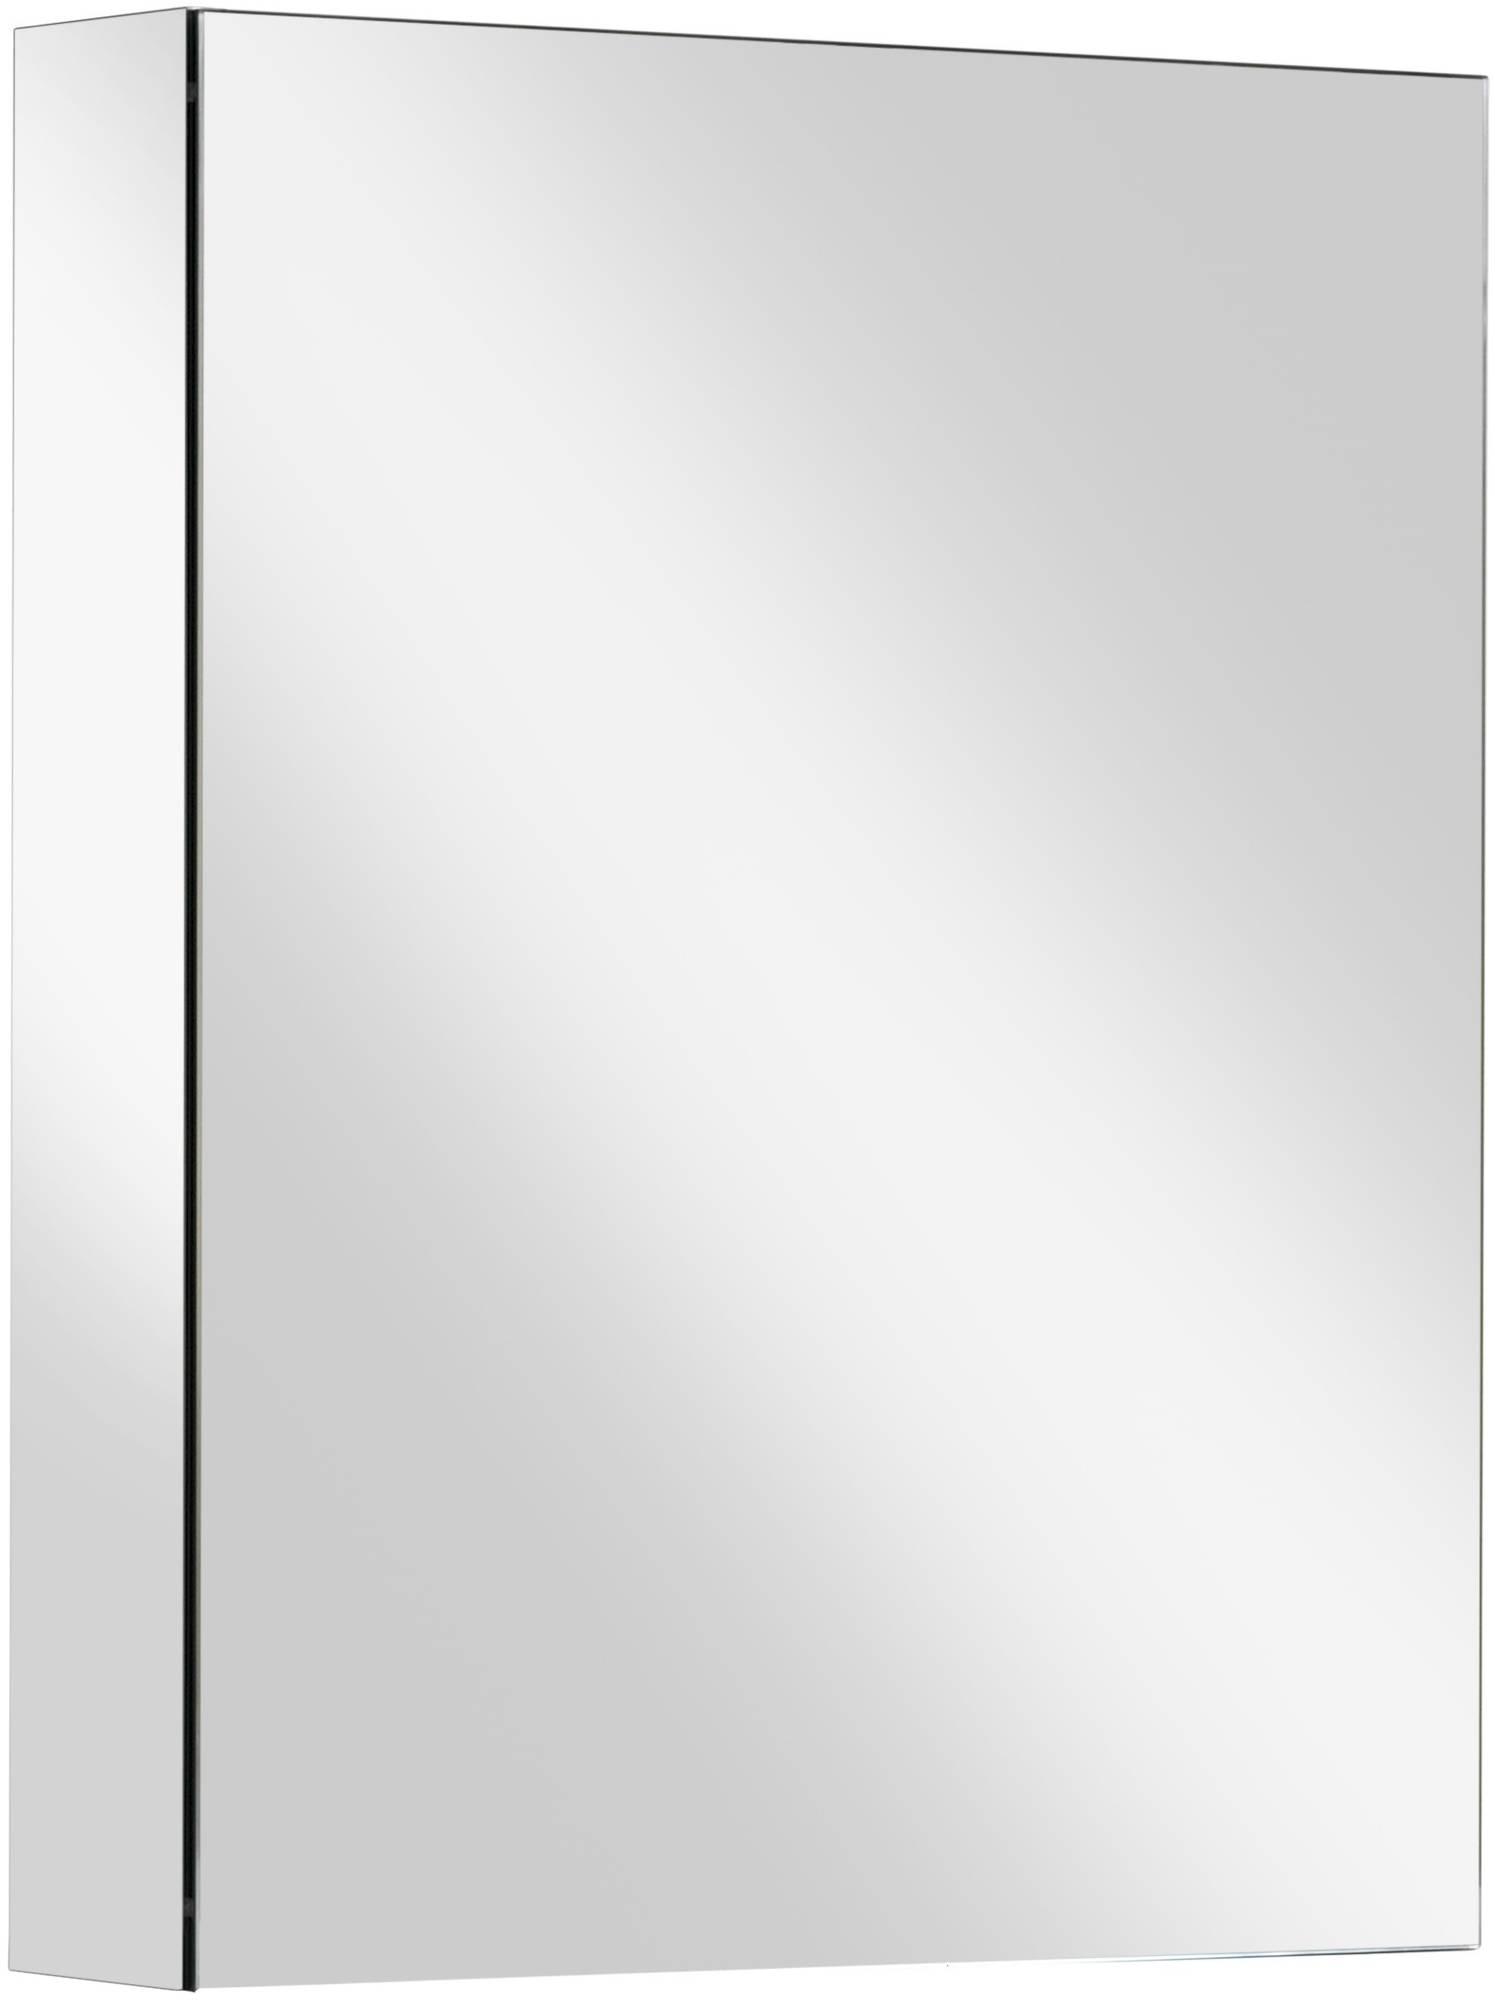 Ben Vario spiegelkast,1 gelijk deel,rechts,60x14x75cm, spiegelmelamine omtrokken zijpanelen